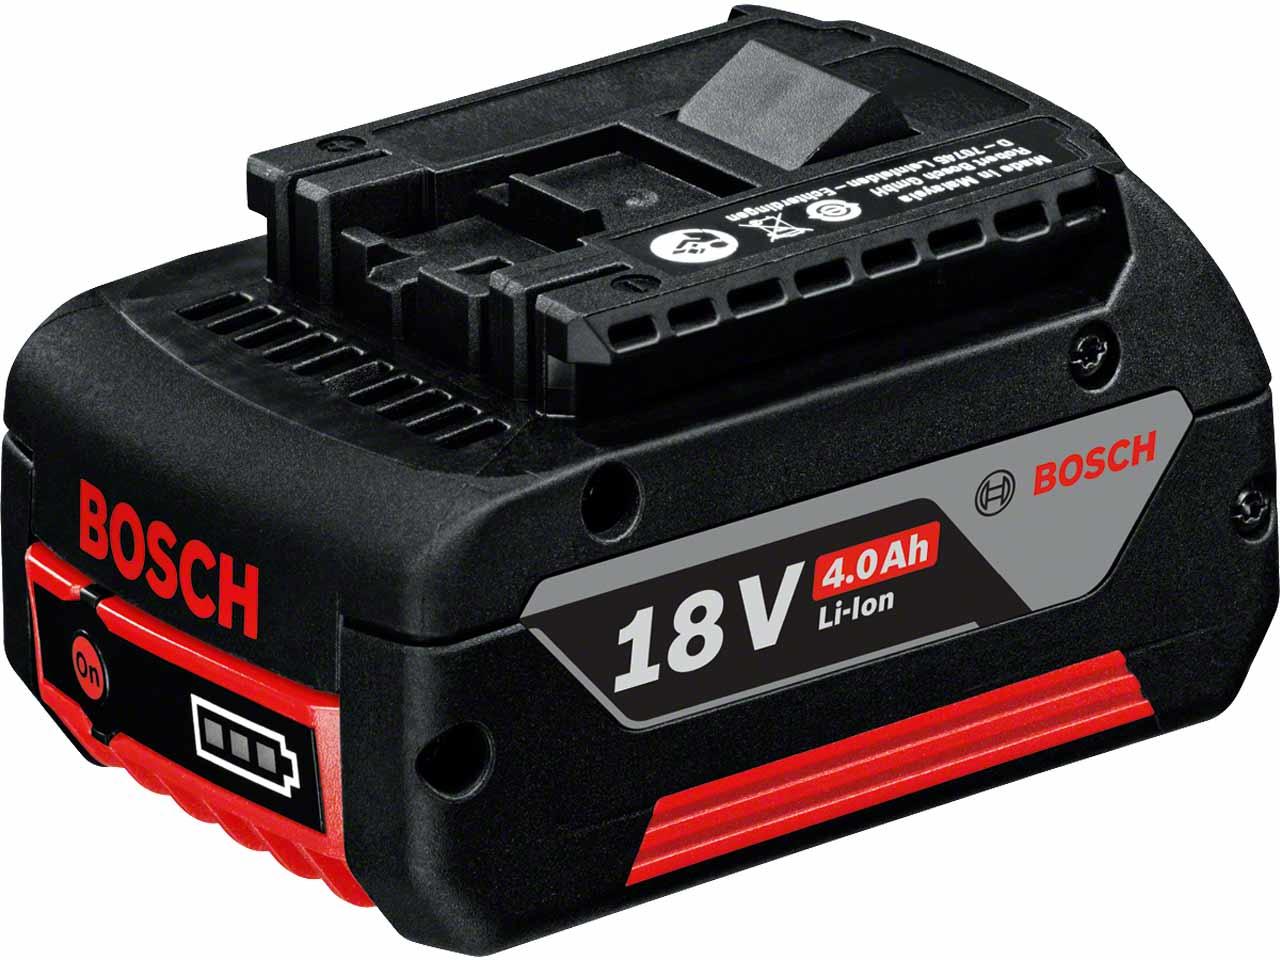 Bosch_1600z00038.jpg